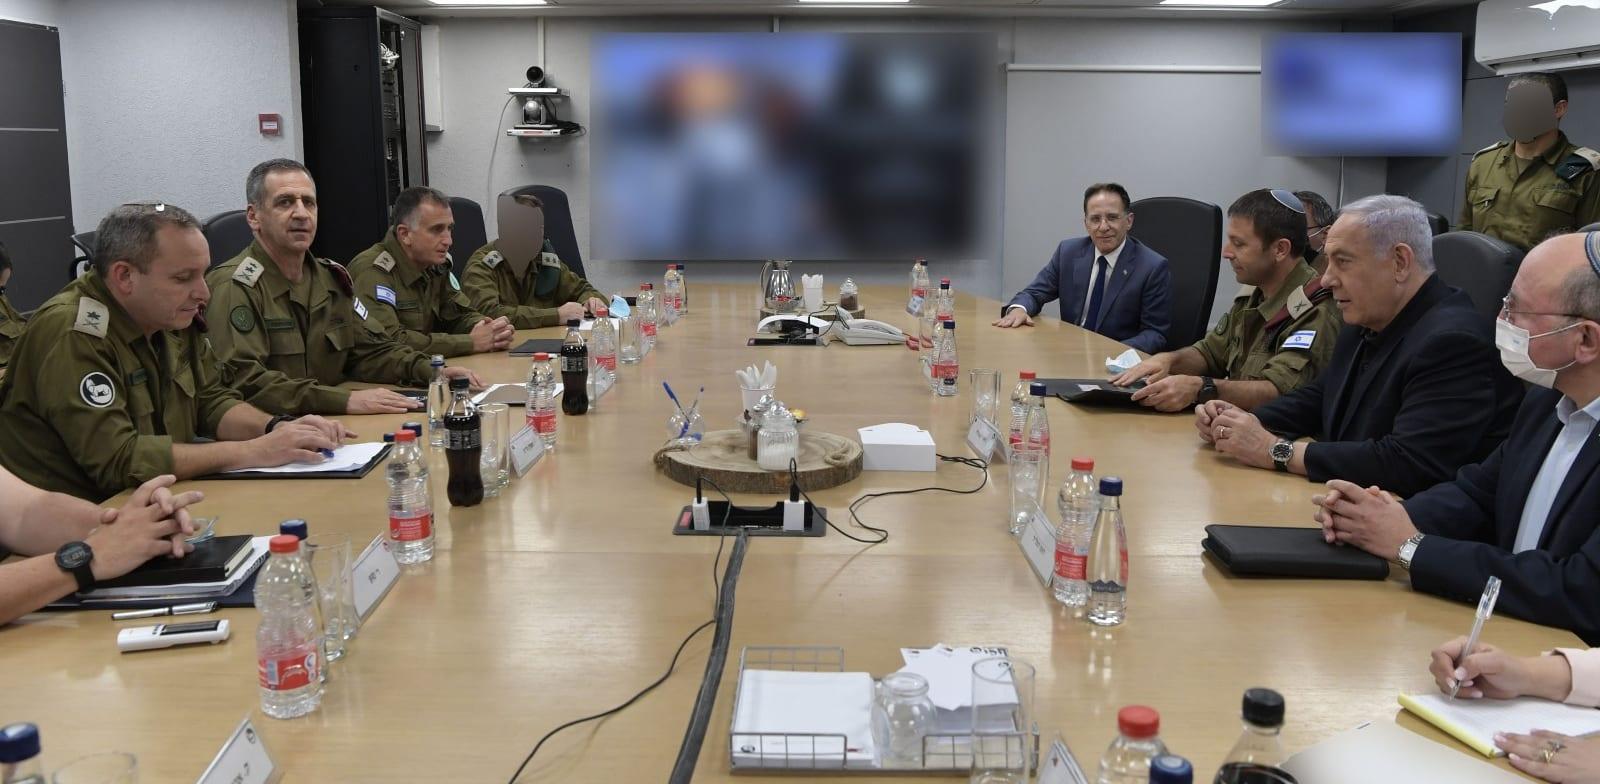 """בנימין נתניהו בהערכת מצב עם הרמטכ״ל ובכירי מערכת הביטחון בפיקוד הדרום / צילום: קובי גדעון-לע""""מ"""